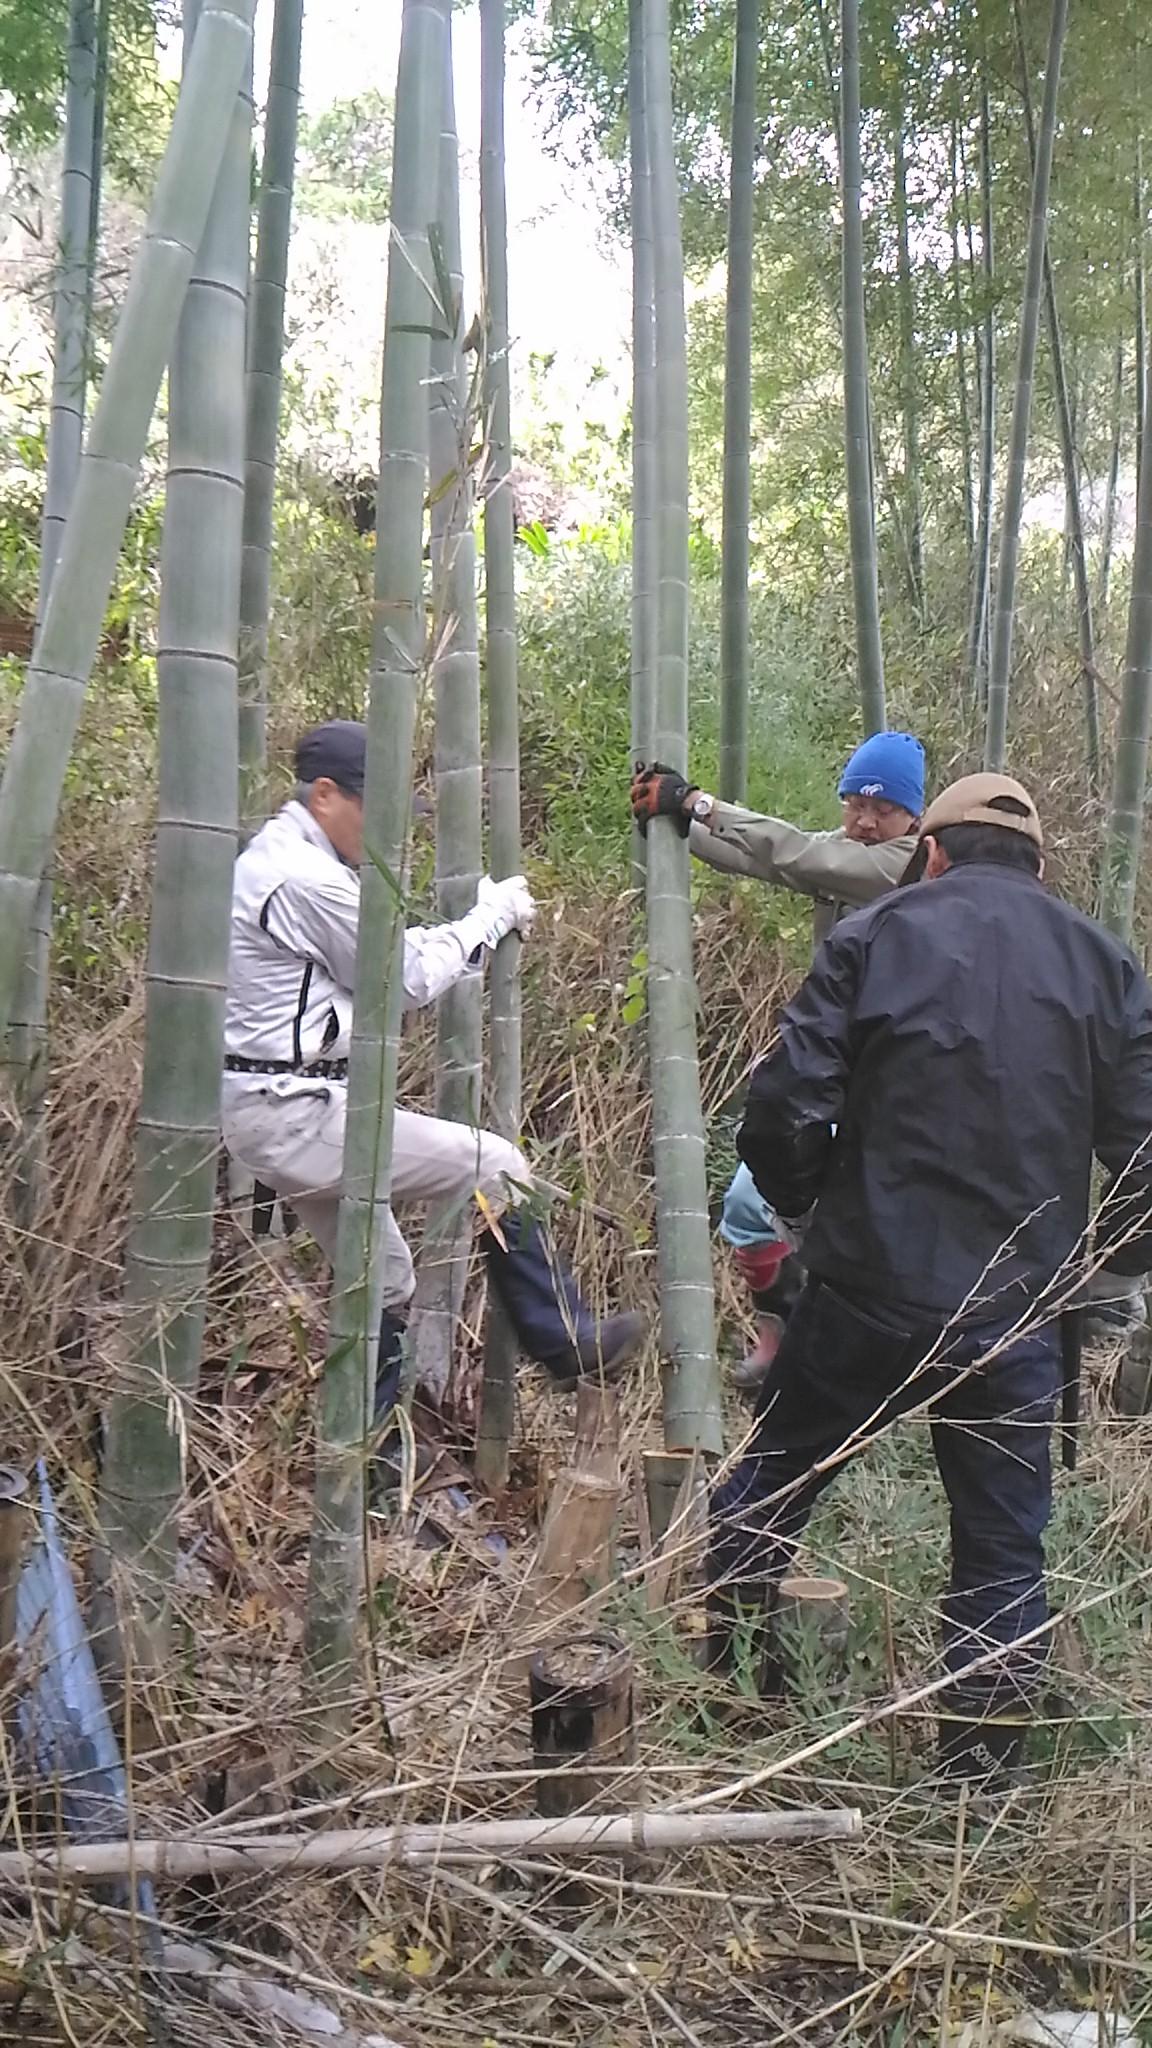 材料の竹の切り出し作業。10センチ程度の竹を6本程度切り出しました!